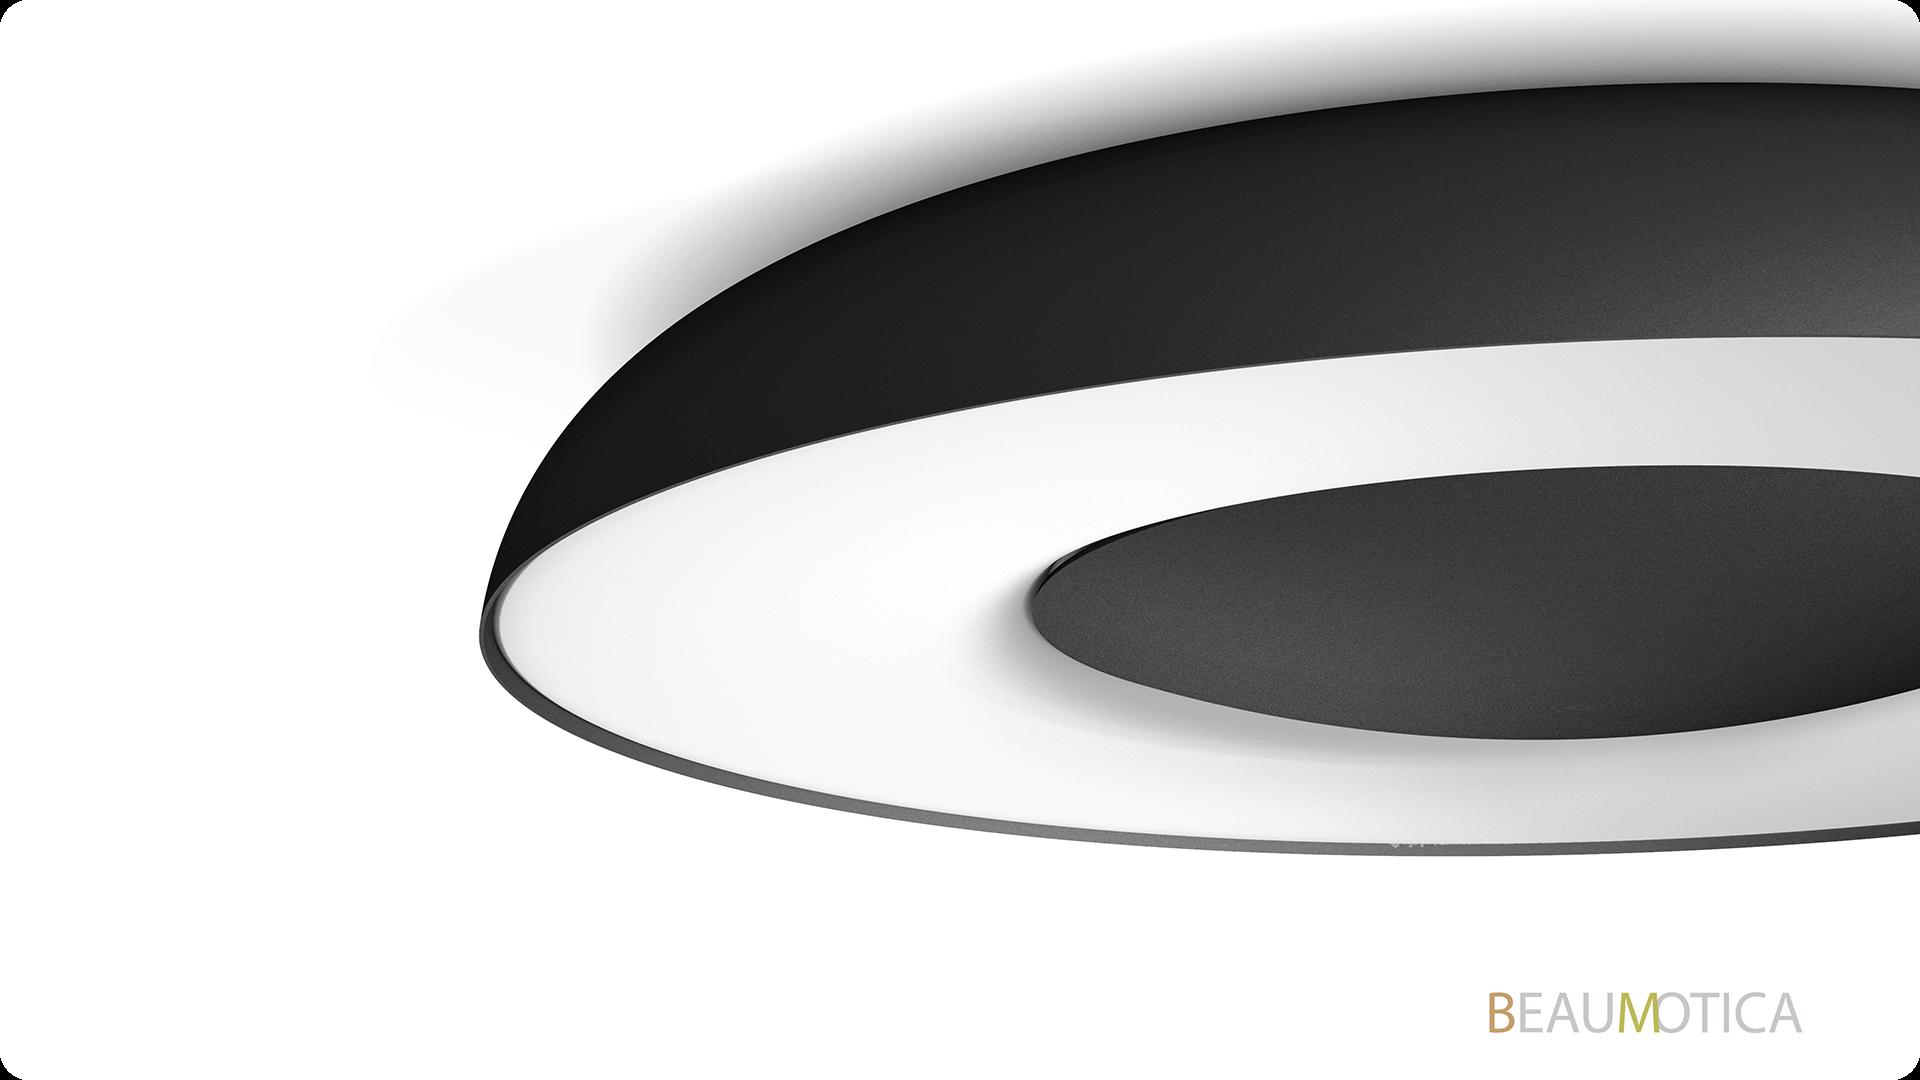 Slaapkamer Lamp Philips : Slaapkamerverlichting met philips hue philips hue verlichting